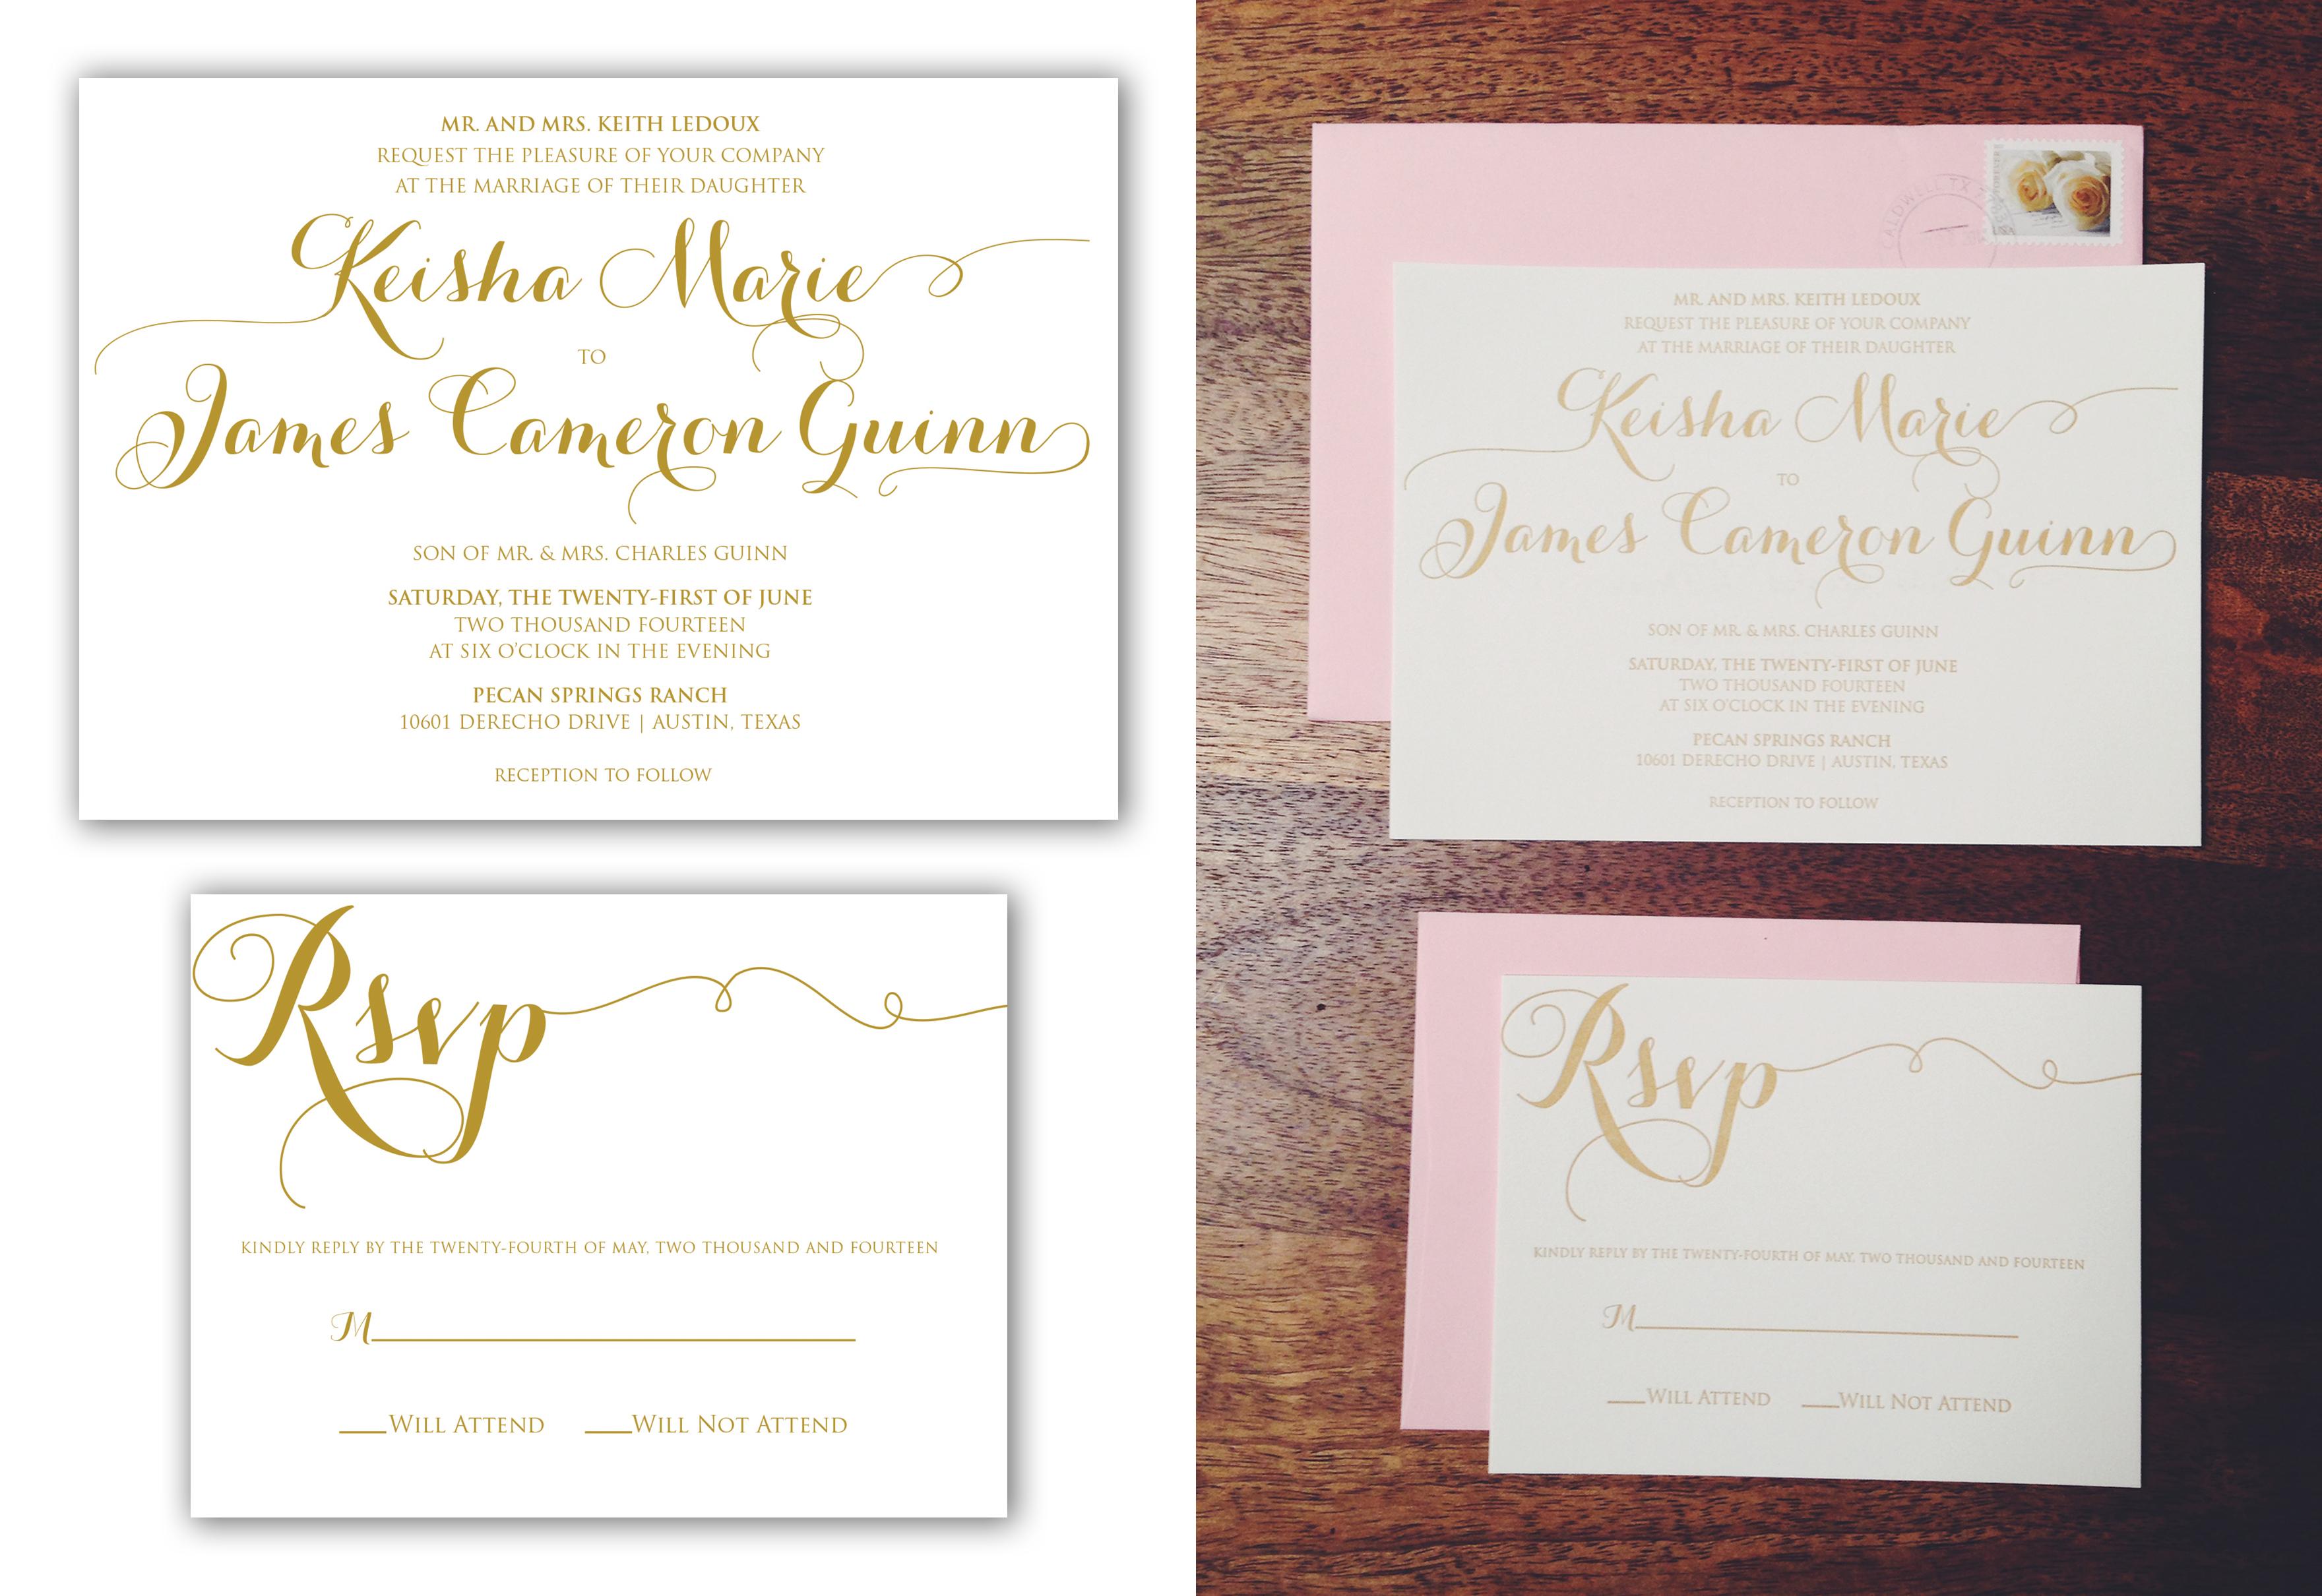 weddinginvitation_Kiesha.jpg